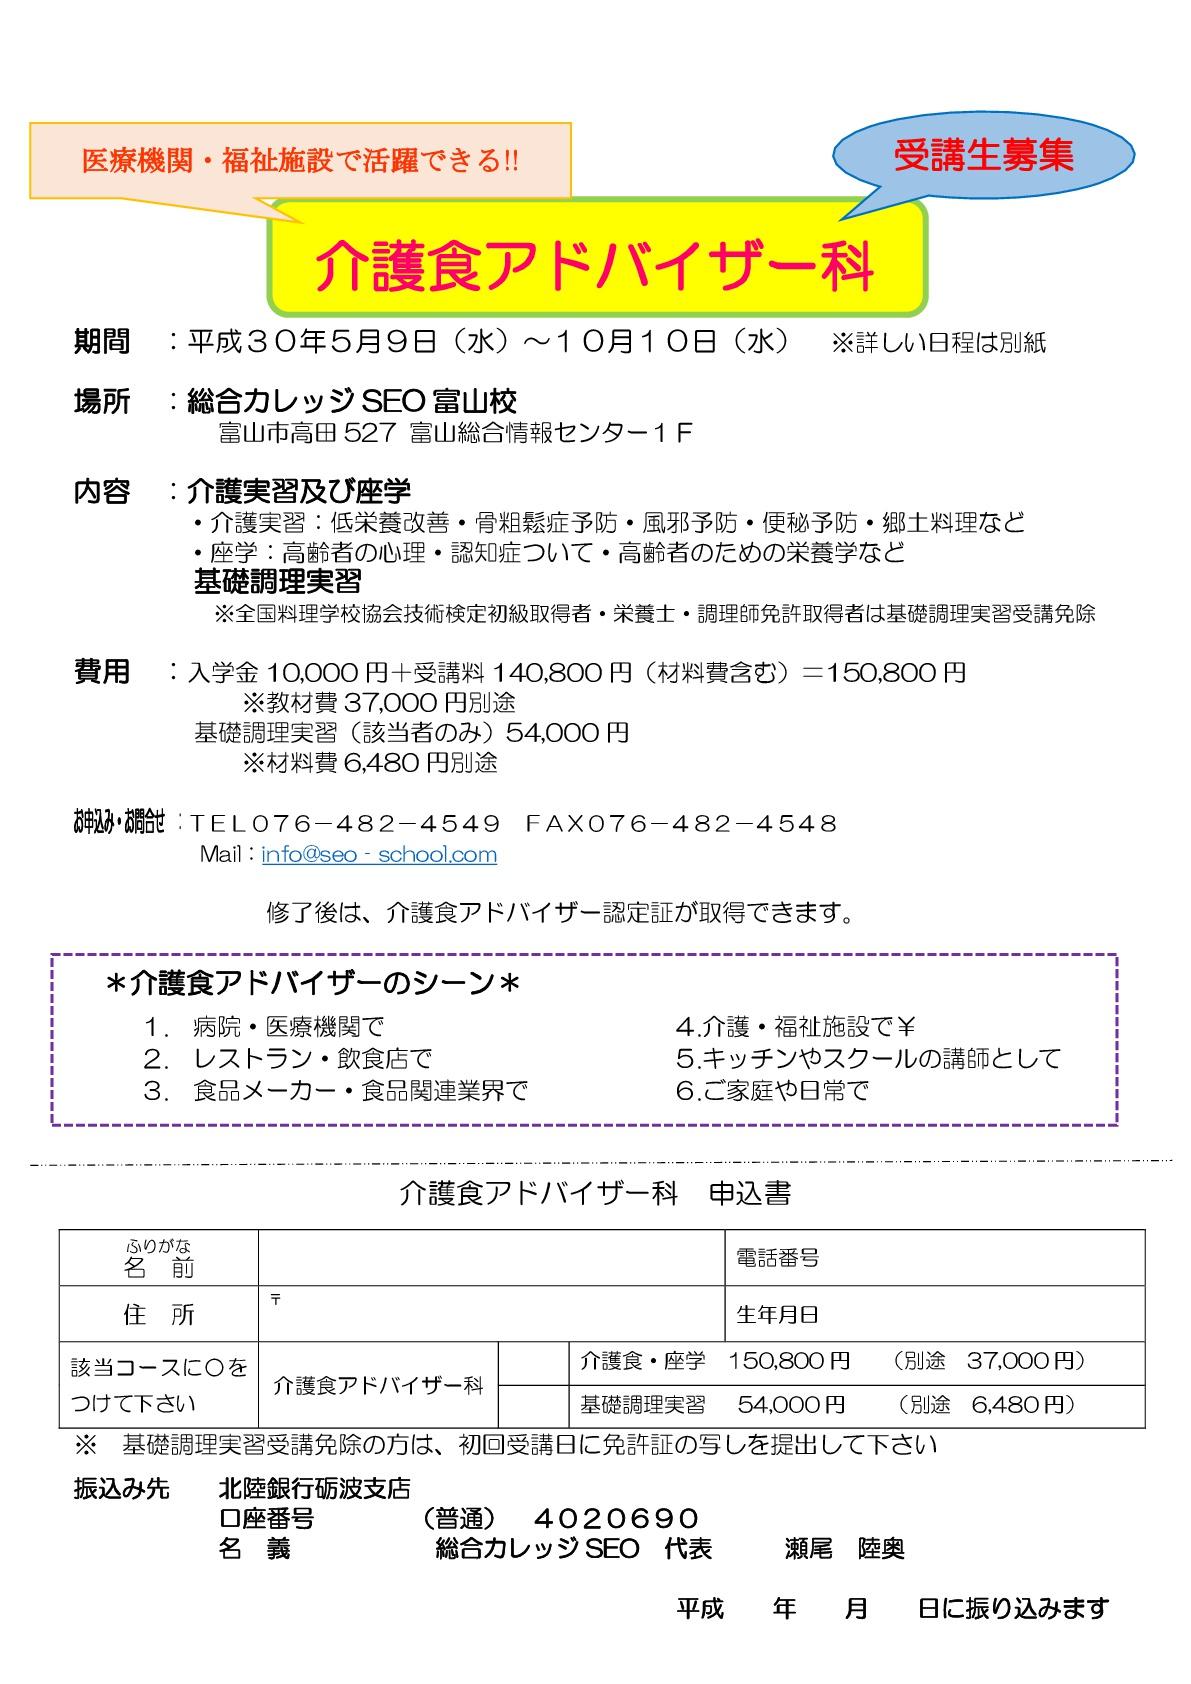 介護食アドバイザー科 申込書-001